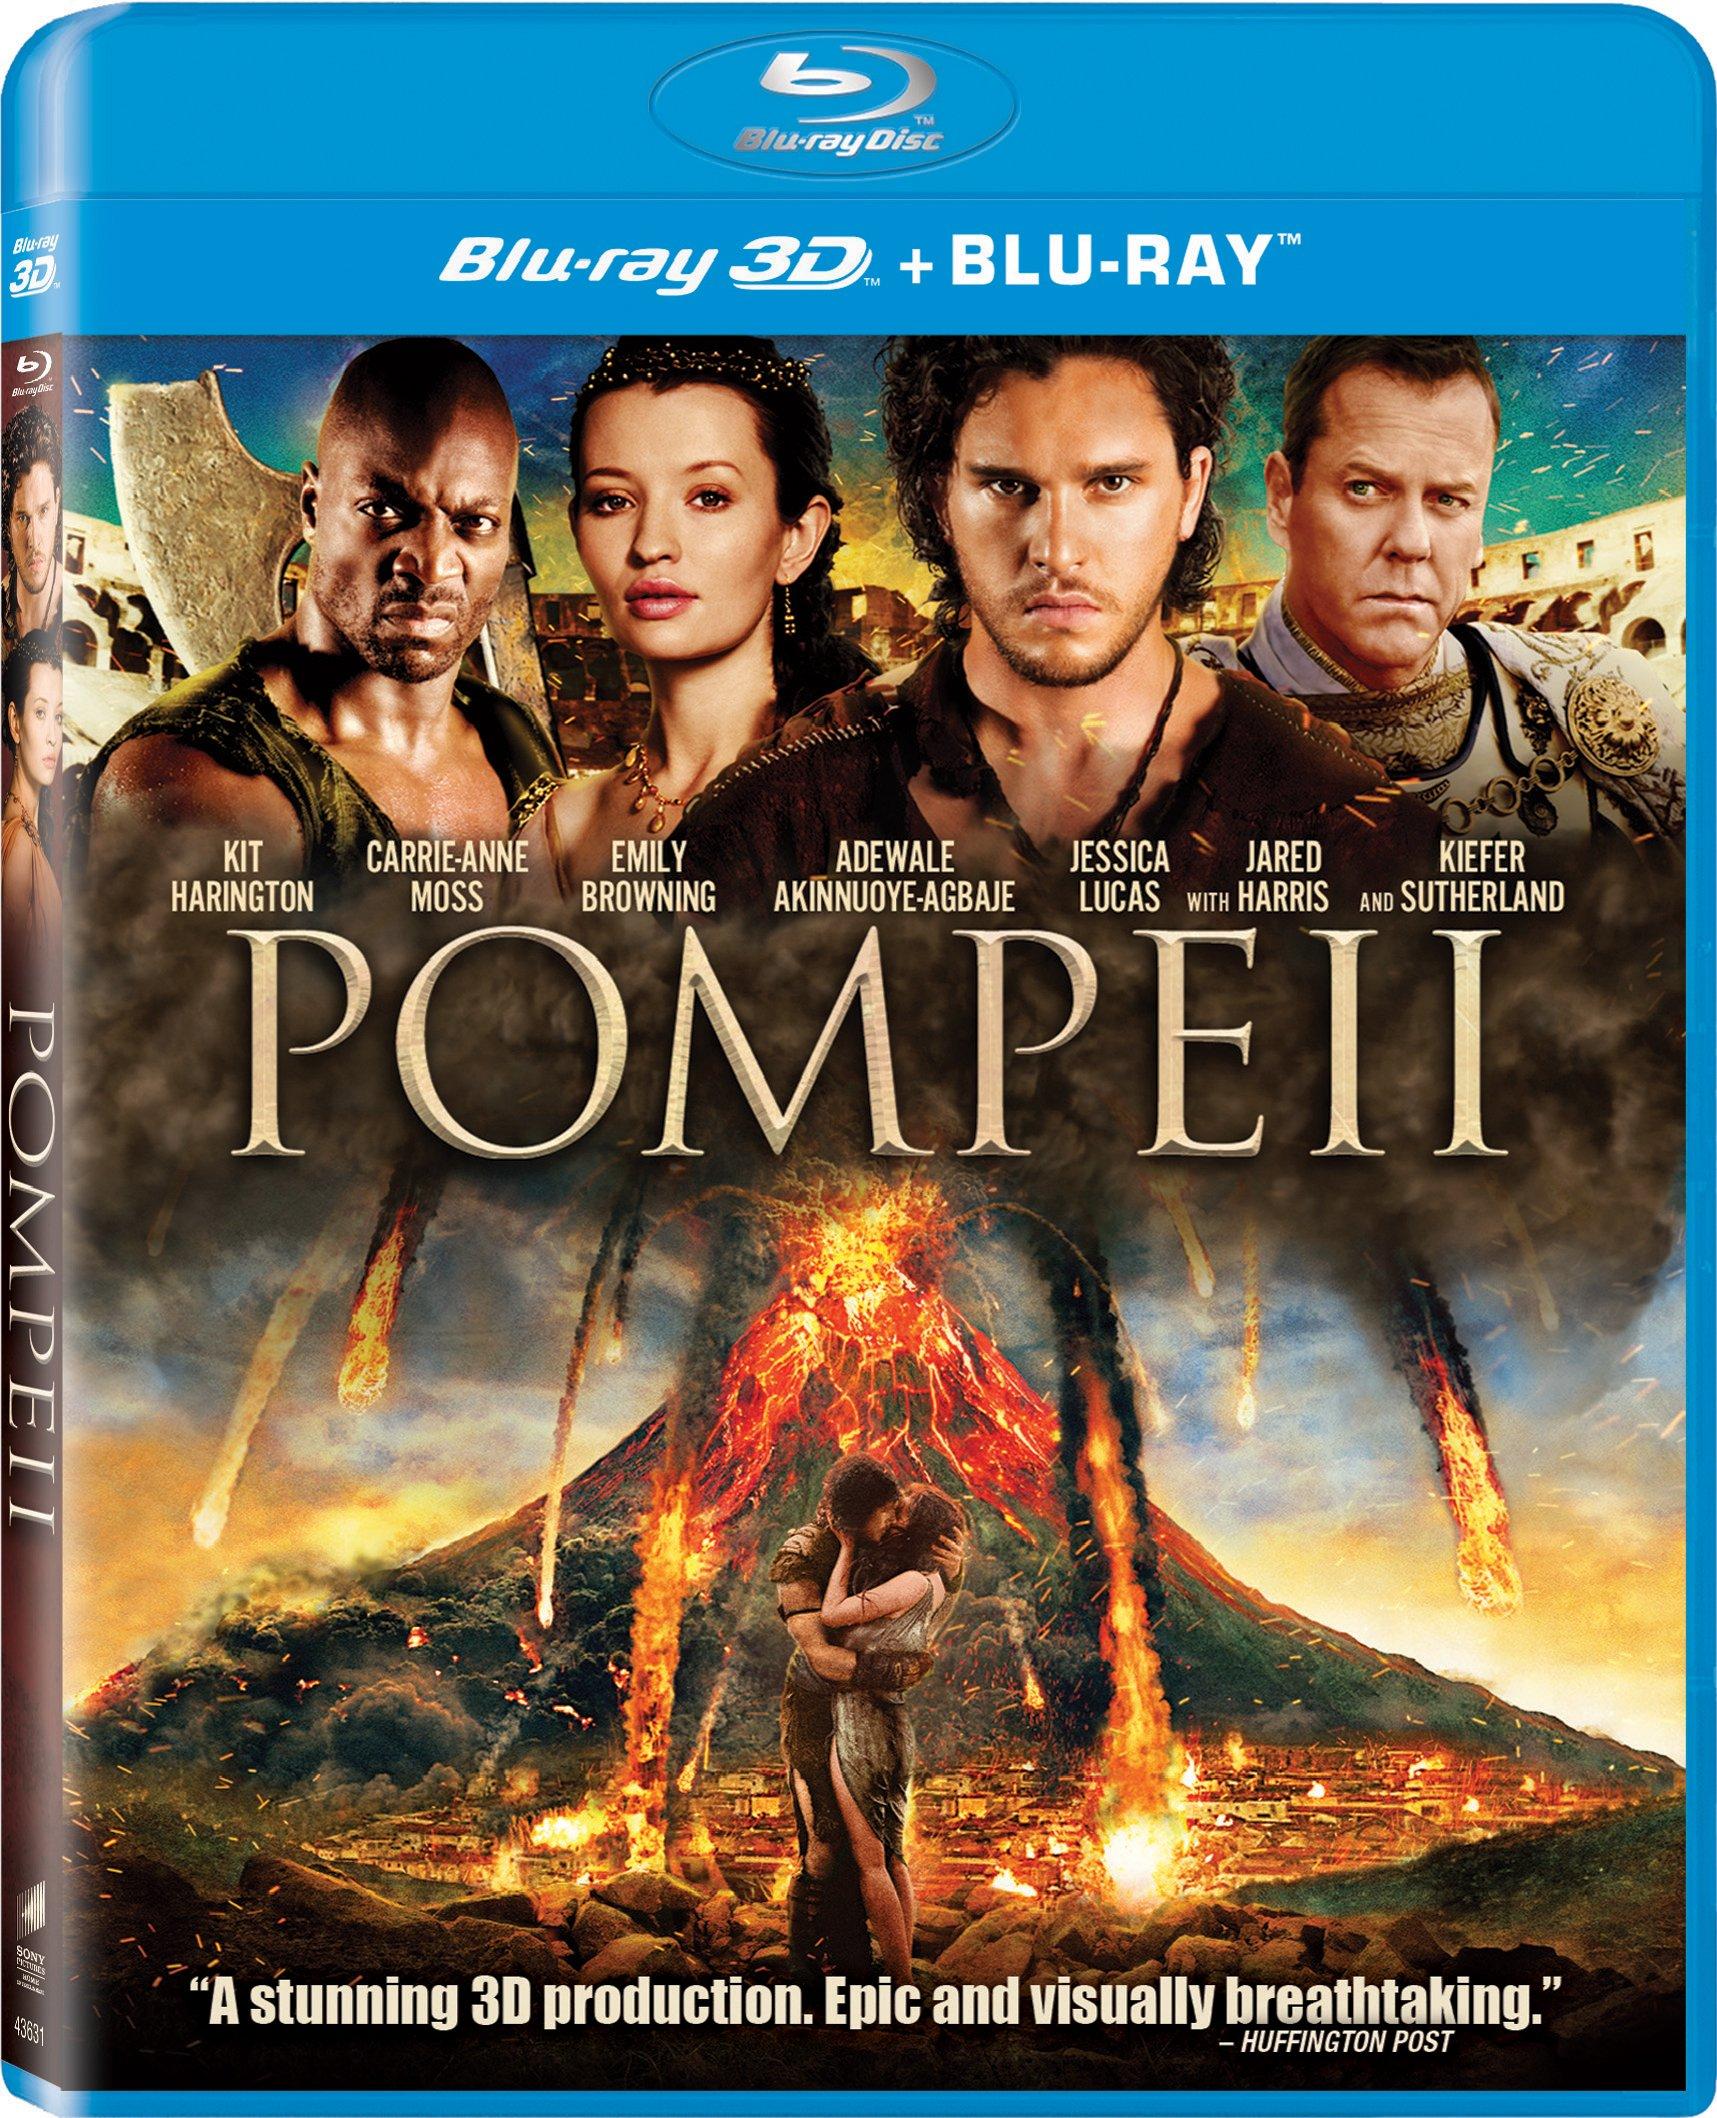 庞贝末日:天火焚城 Pompeii.2014.720p.BluRay.DTS.x264-PublicHD 6 ...